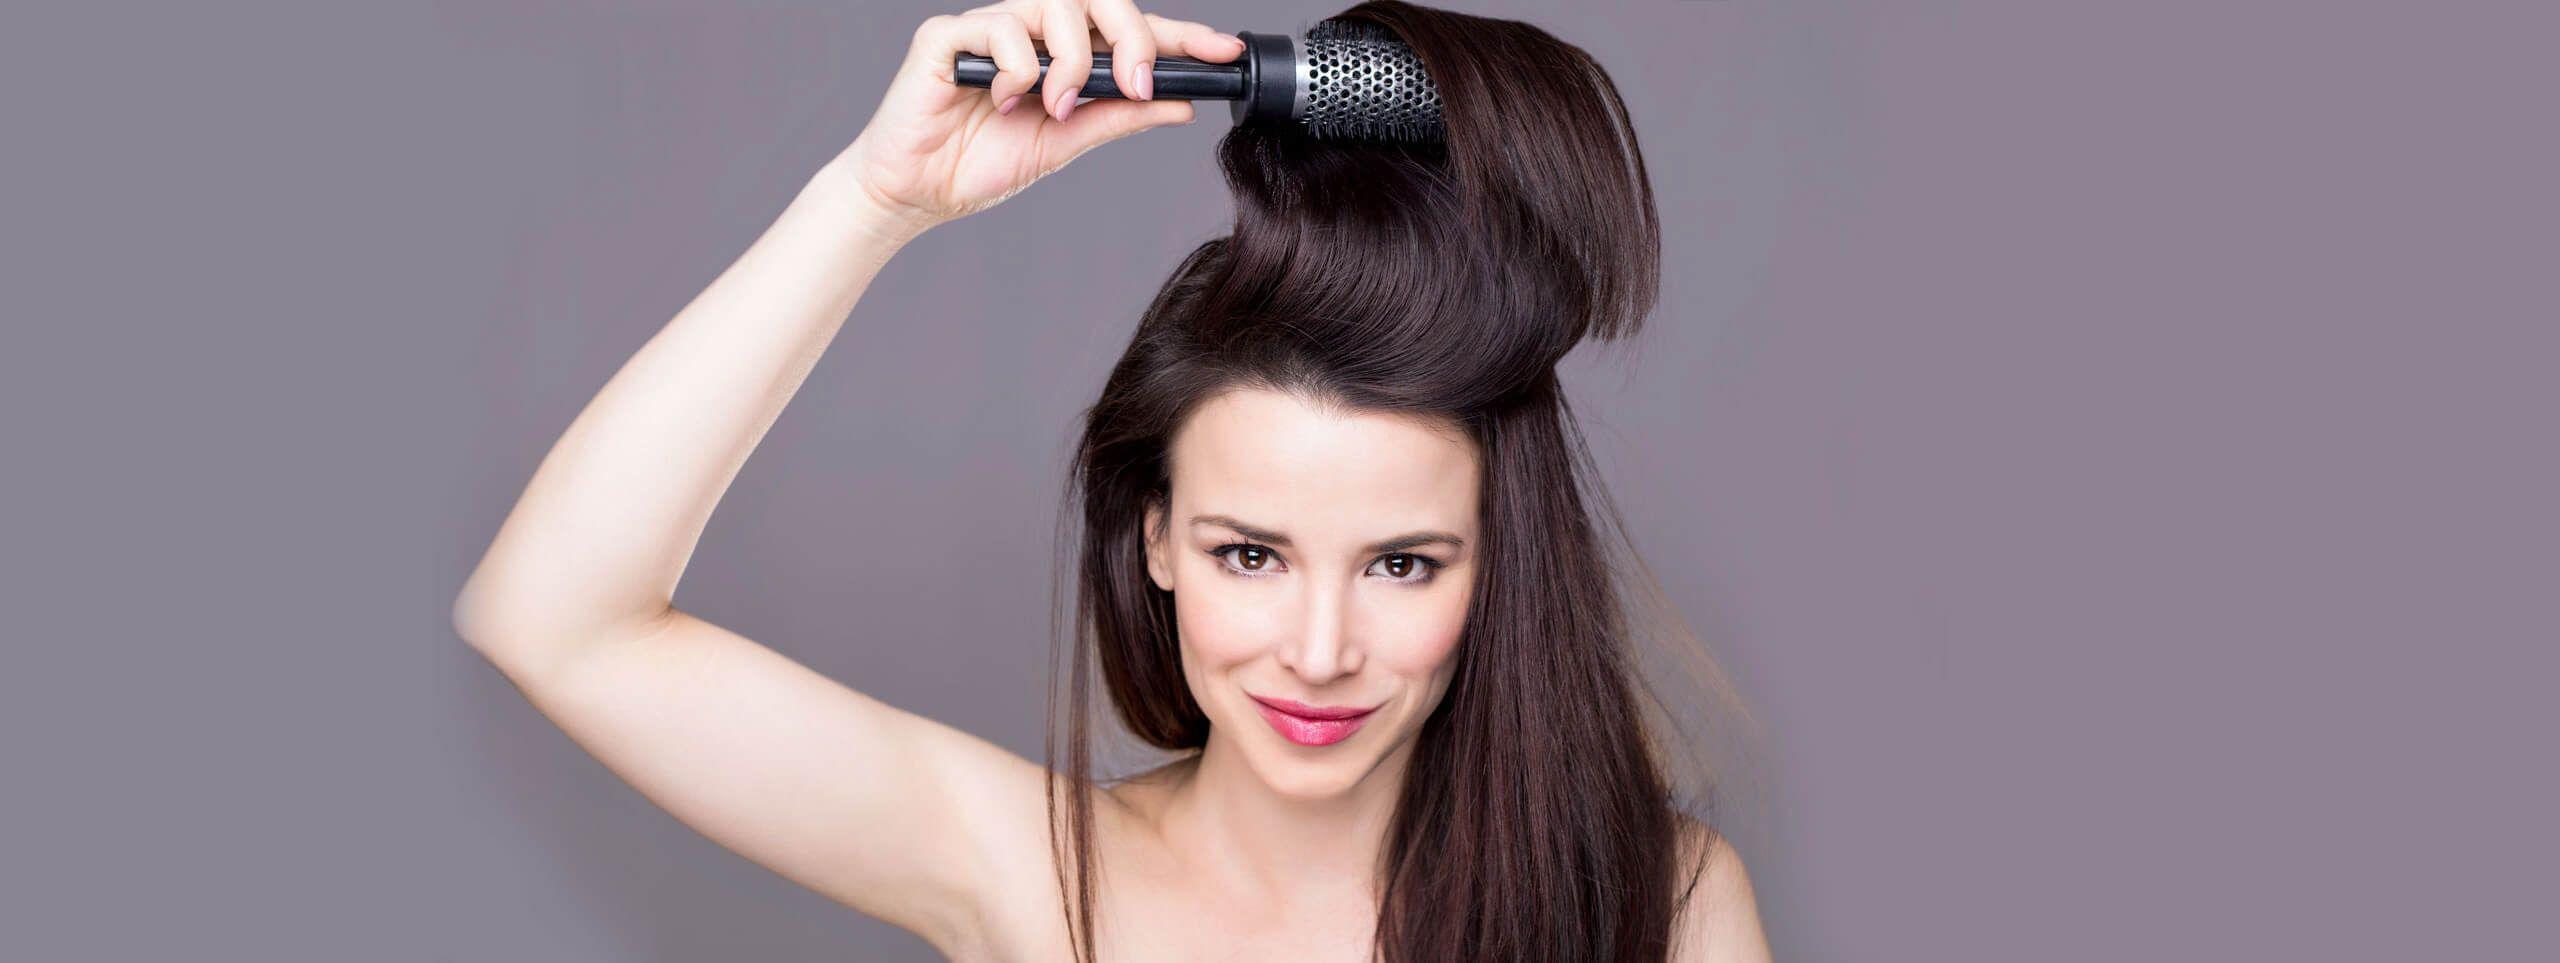 Donna con spazzola capelli voluminosi